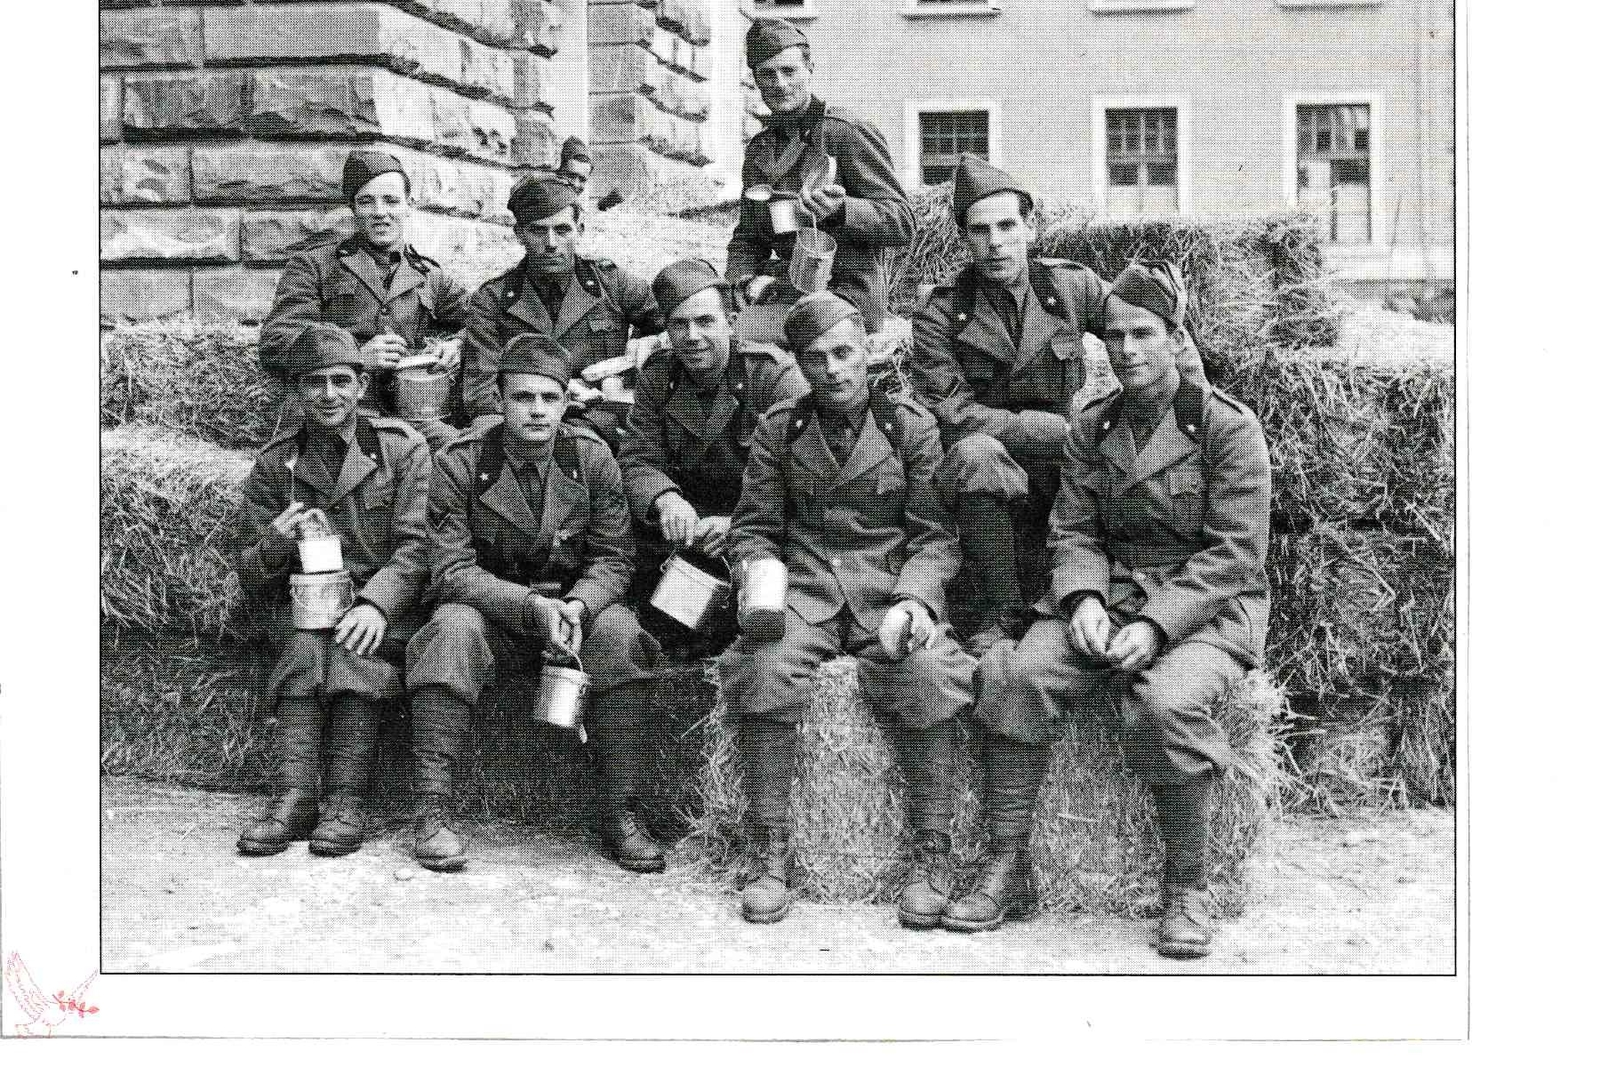 Izola -  Trieste 1940 - un gruppo di isolani richiamati in servizio militare (foto di Giovanni Goina - passon)